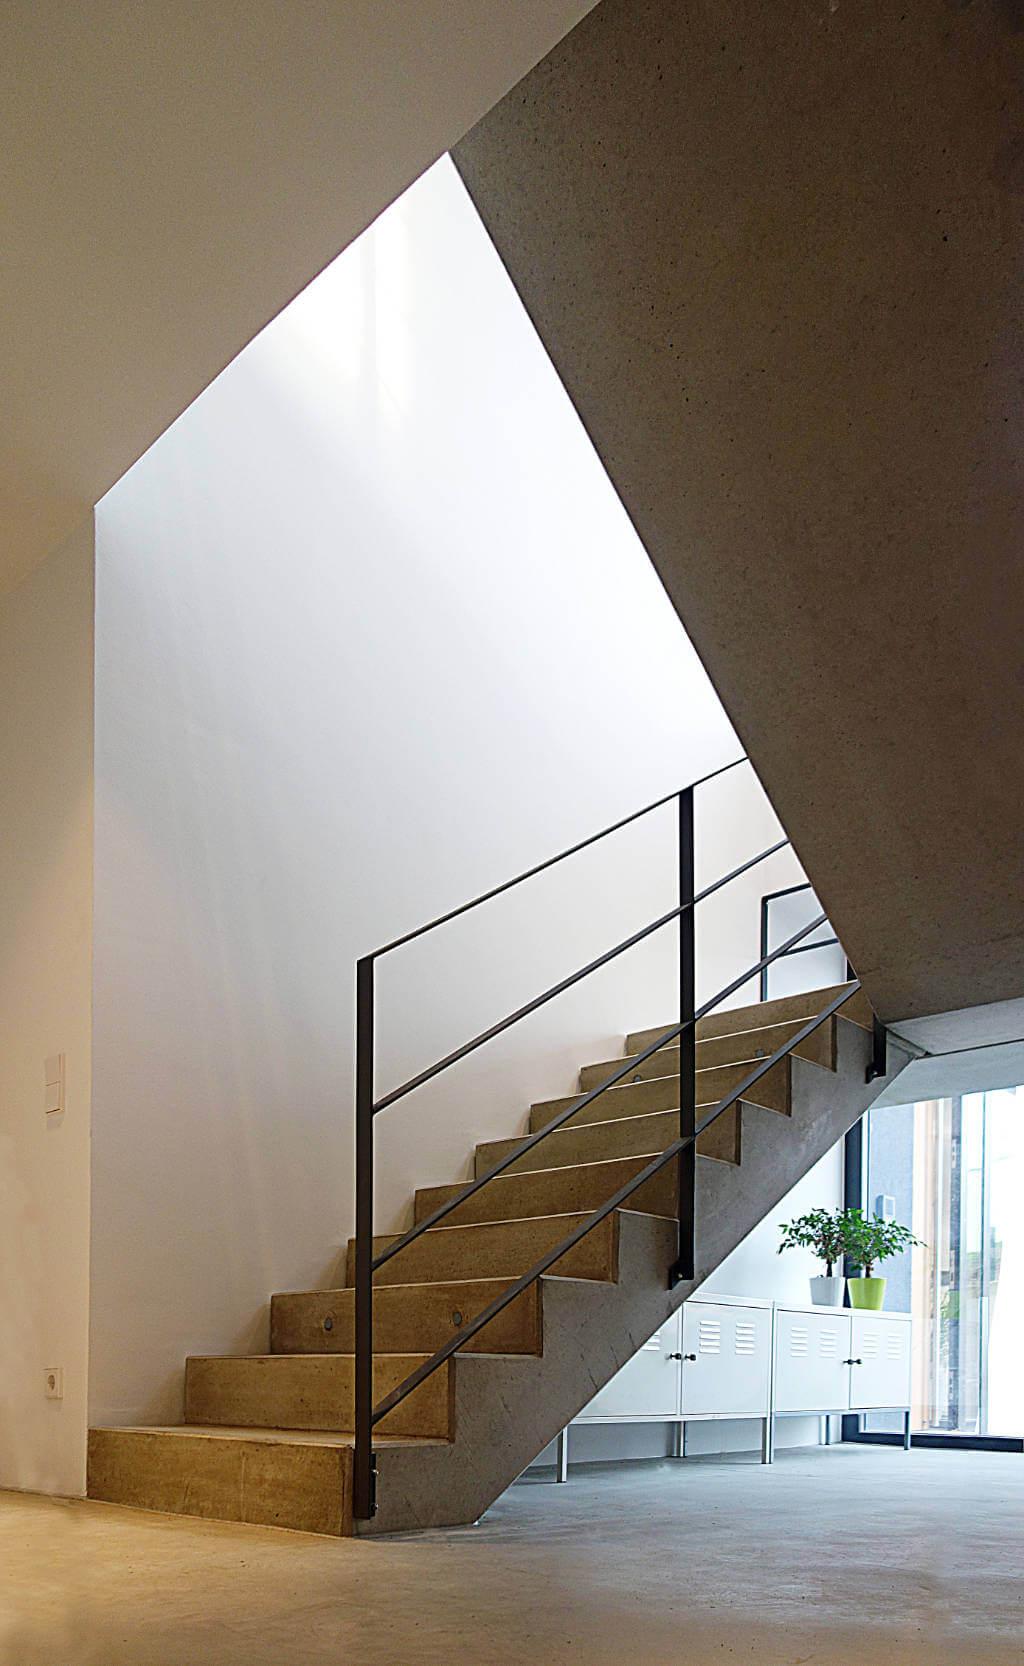 App-34-marcbetz architekten